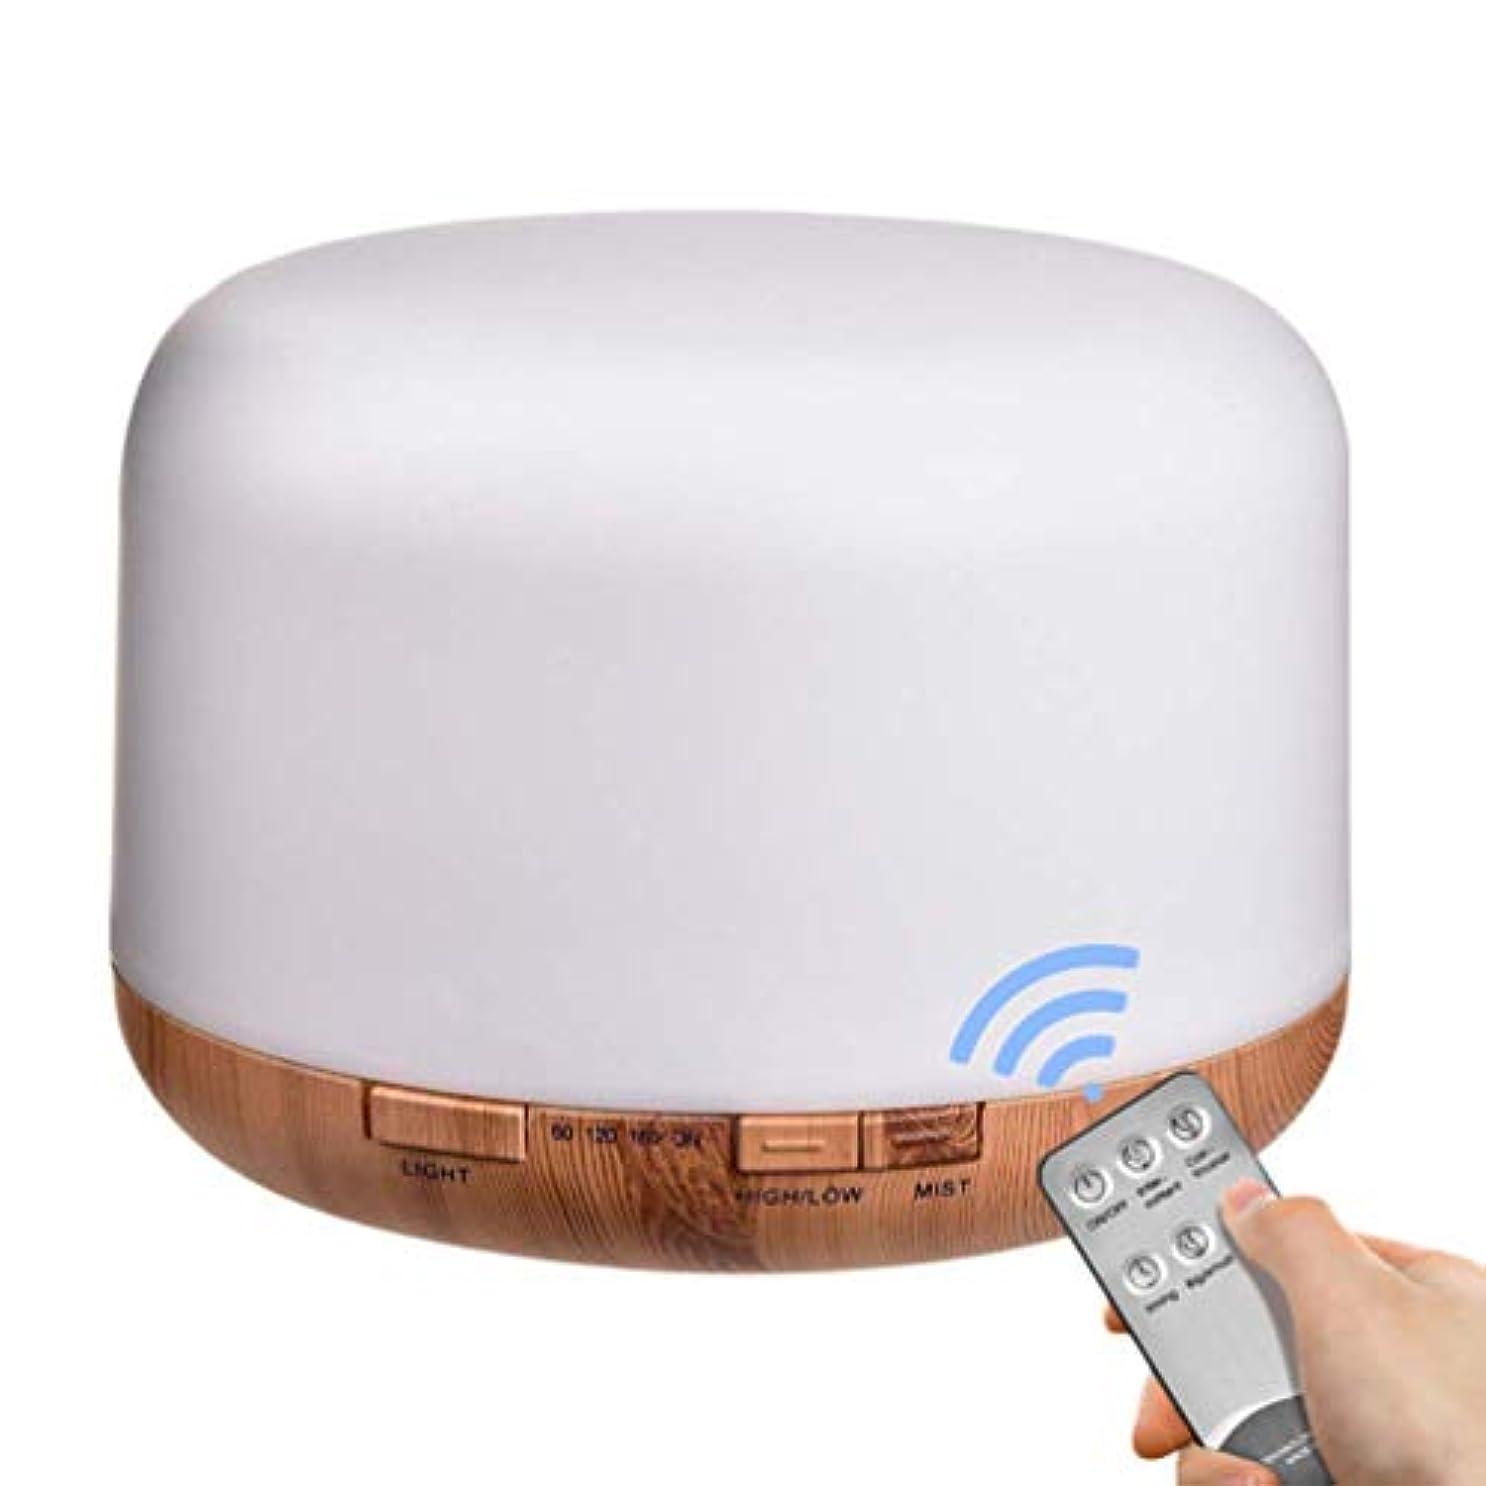 アレンジ喜劇パラメータSUPVOX 1000ml Humidifier Ultrasonic Household Remote Control Silence Aromatherapy Diffuser Essential Oil Diffuser for Office Bedroom Home (JP Plug)